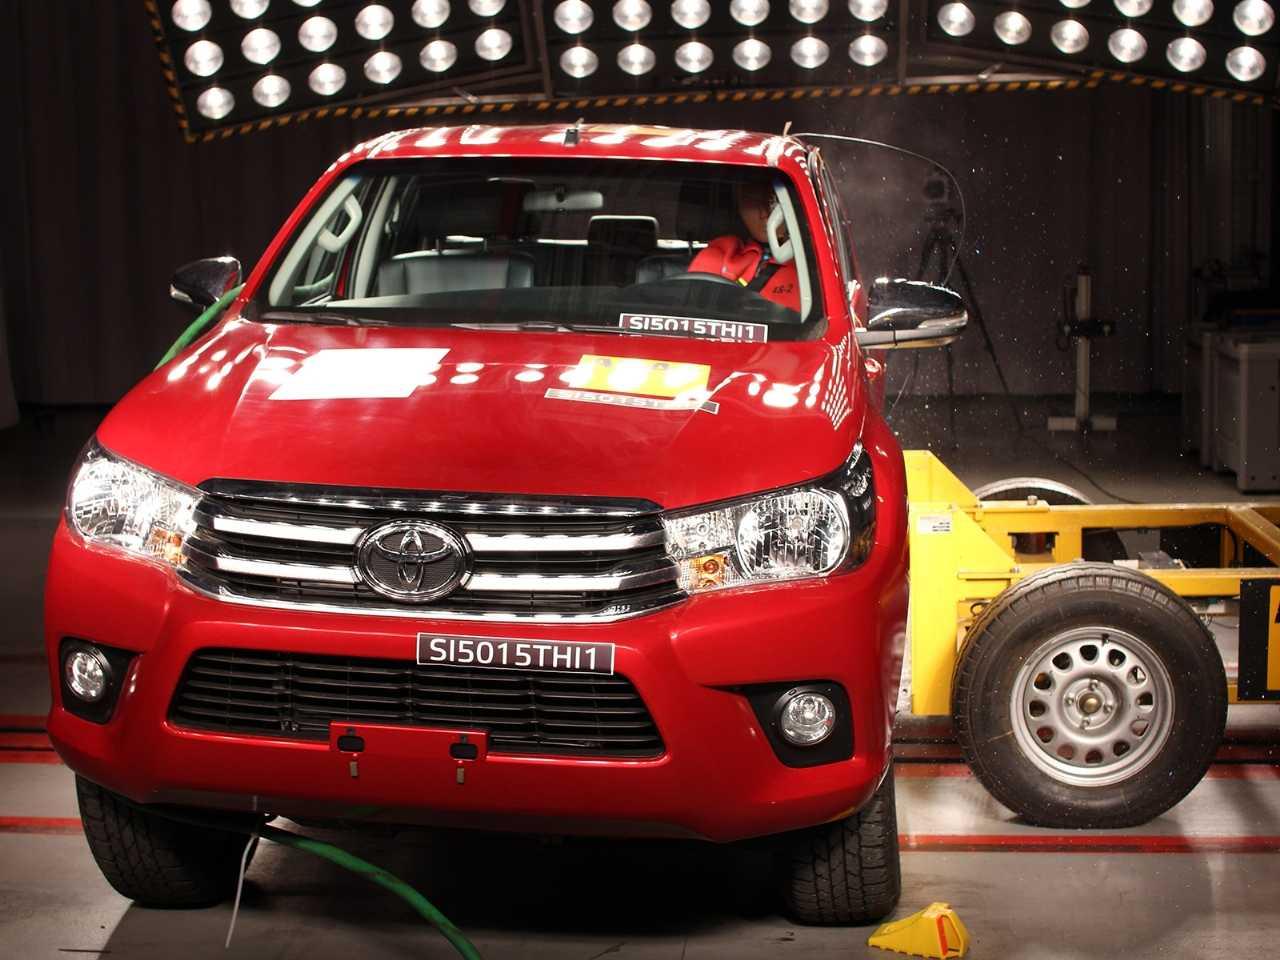 Gama Toyota Hilux e SW4: boa avaliação nos testes de segurança do Latin NCAP